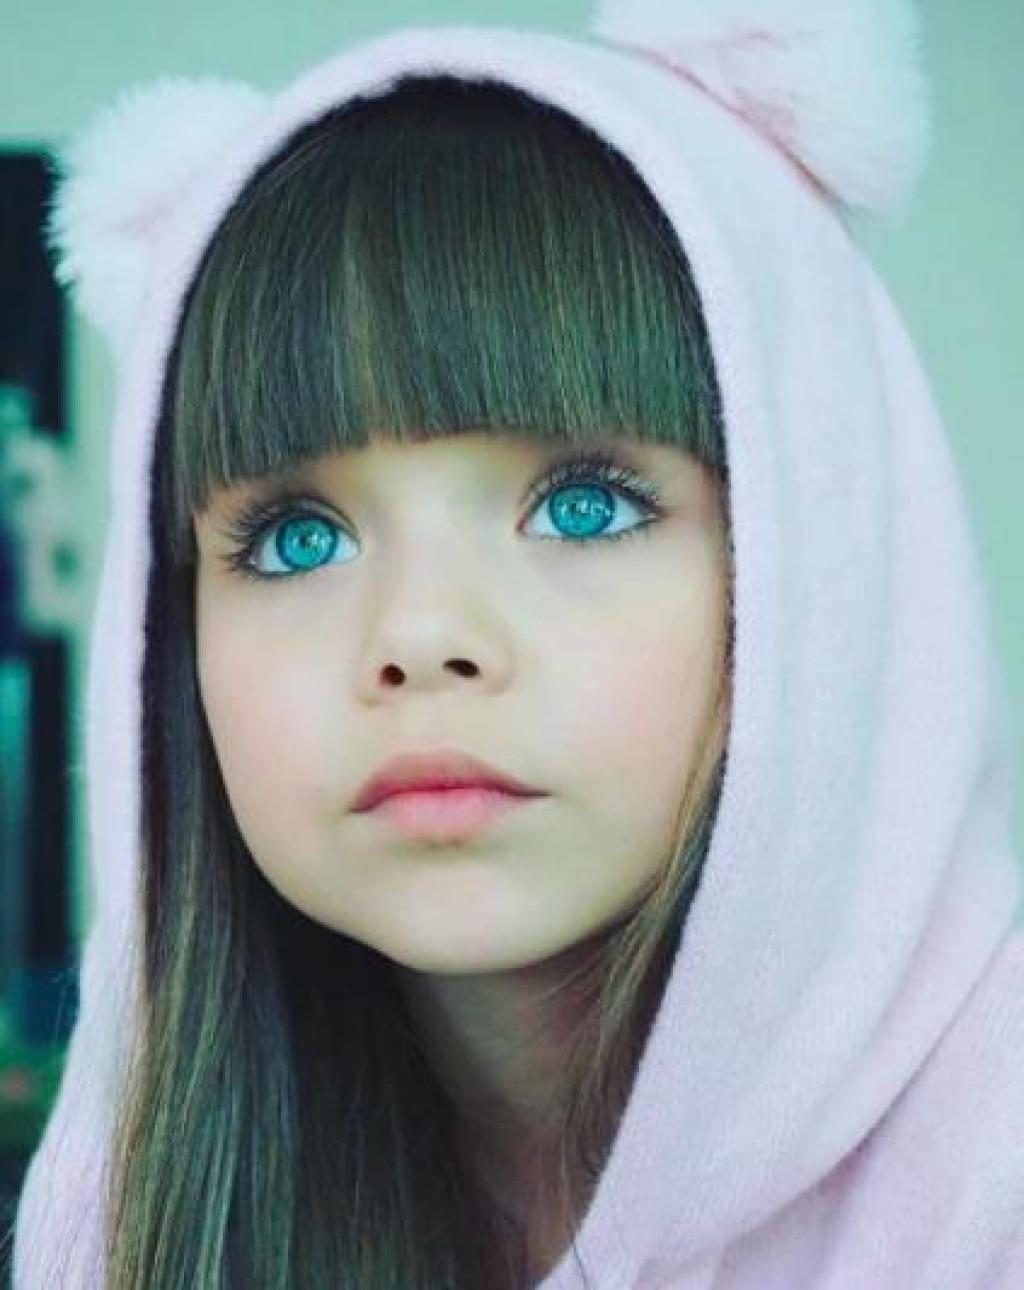 La Fille La Plus Belle Au Monde : fille, belle, monde, Cette, Petite, Fille, Vient, D'être, élue, Belle, Enfant, Monde, Beaux, Enfants,, Fille,, Style, Bébé